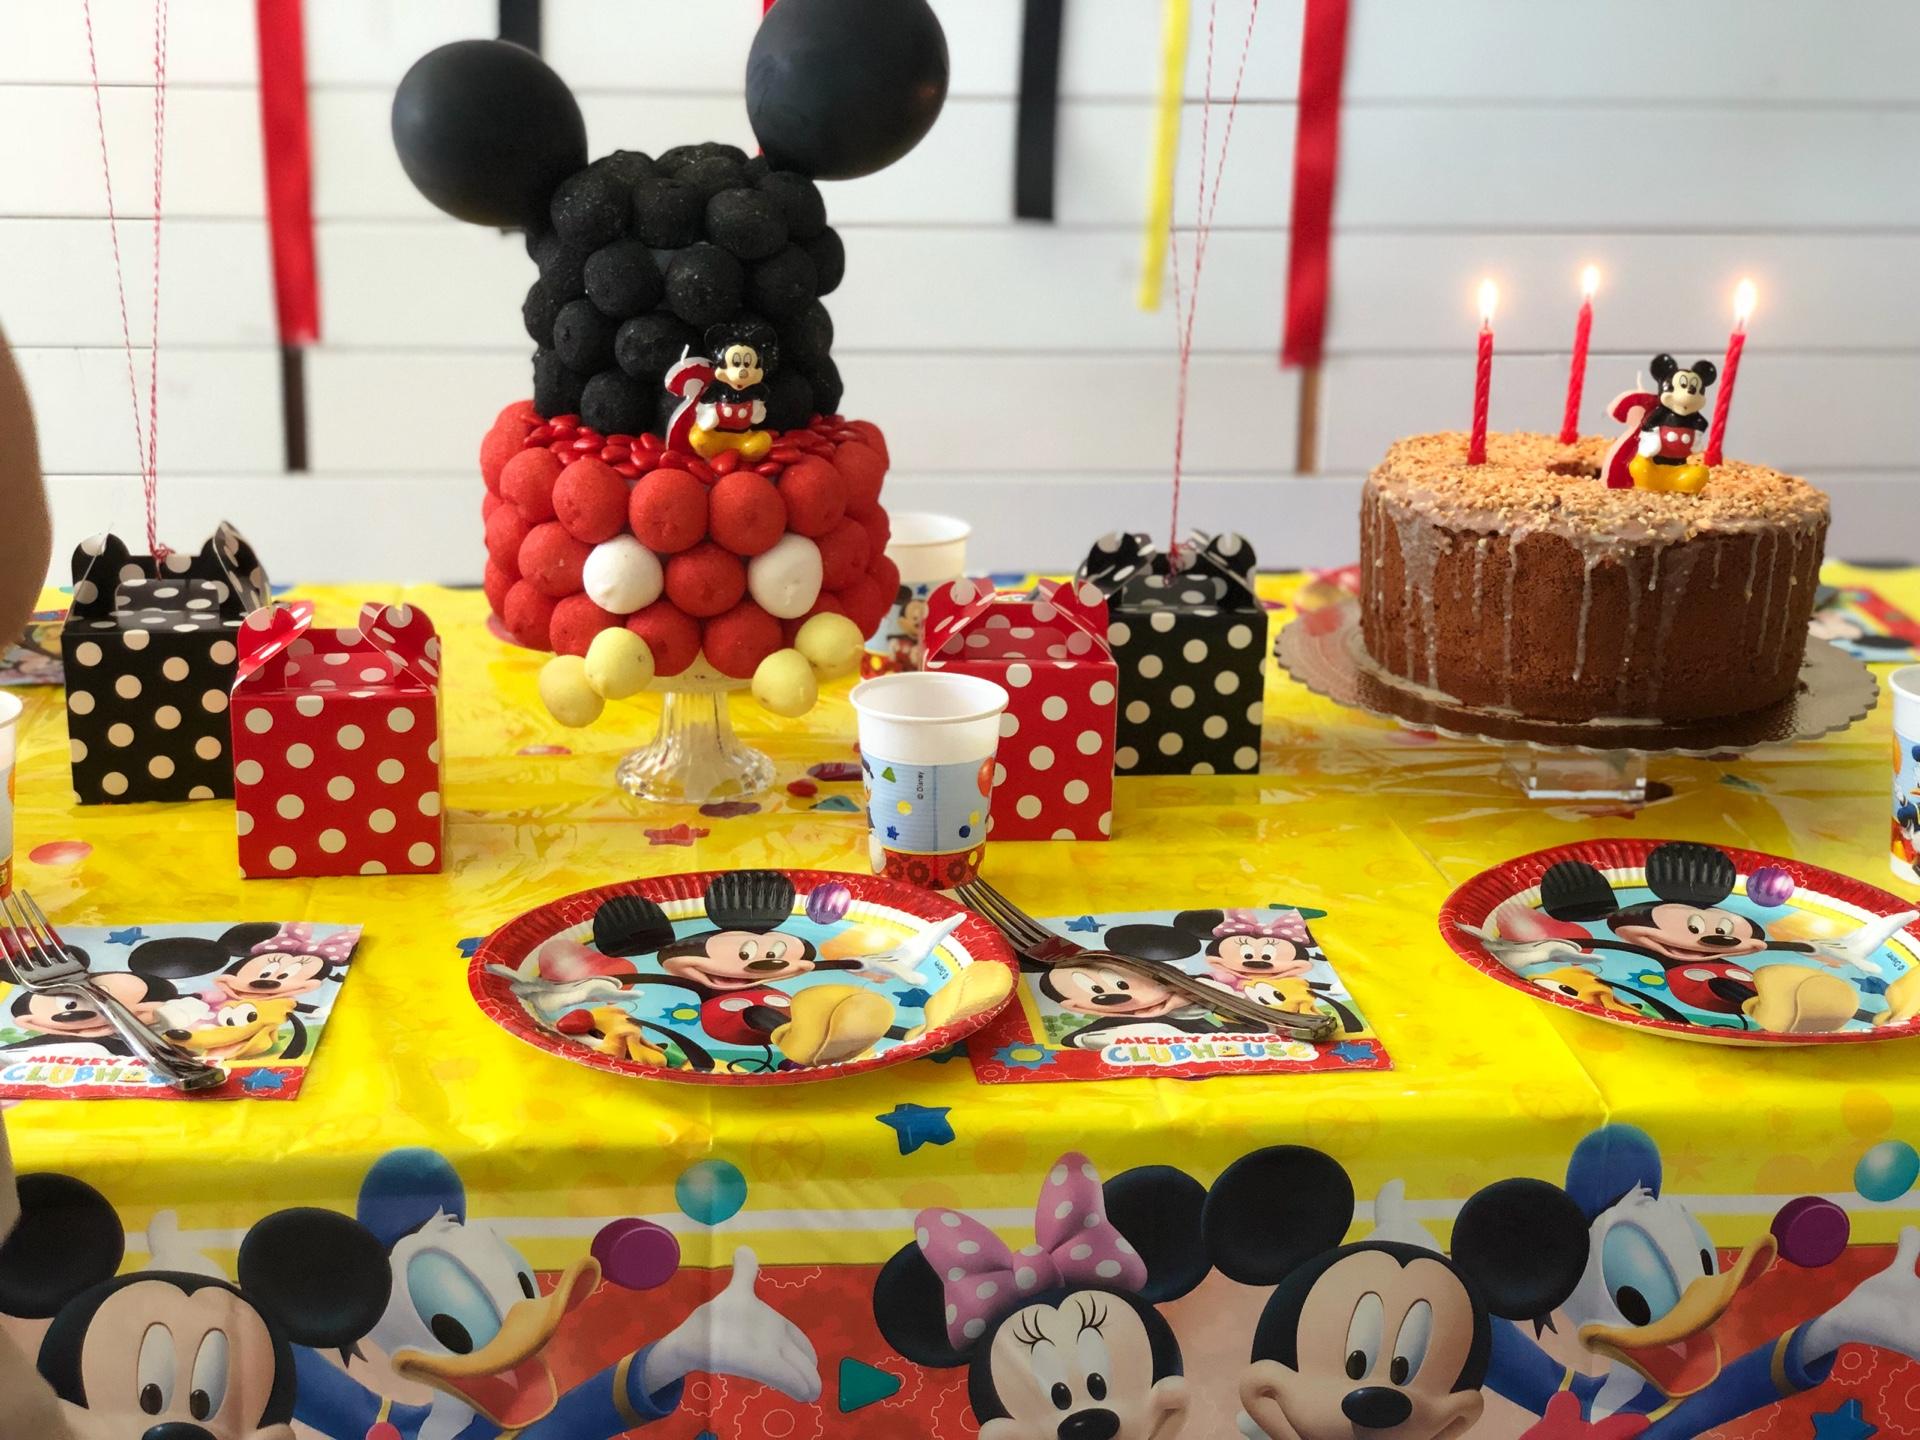 Tavolo Compleanno Topolino : Torta topolino ricette dalla casa di topolino disney